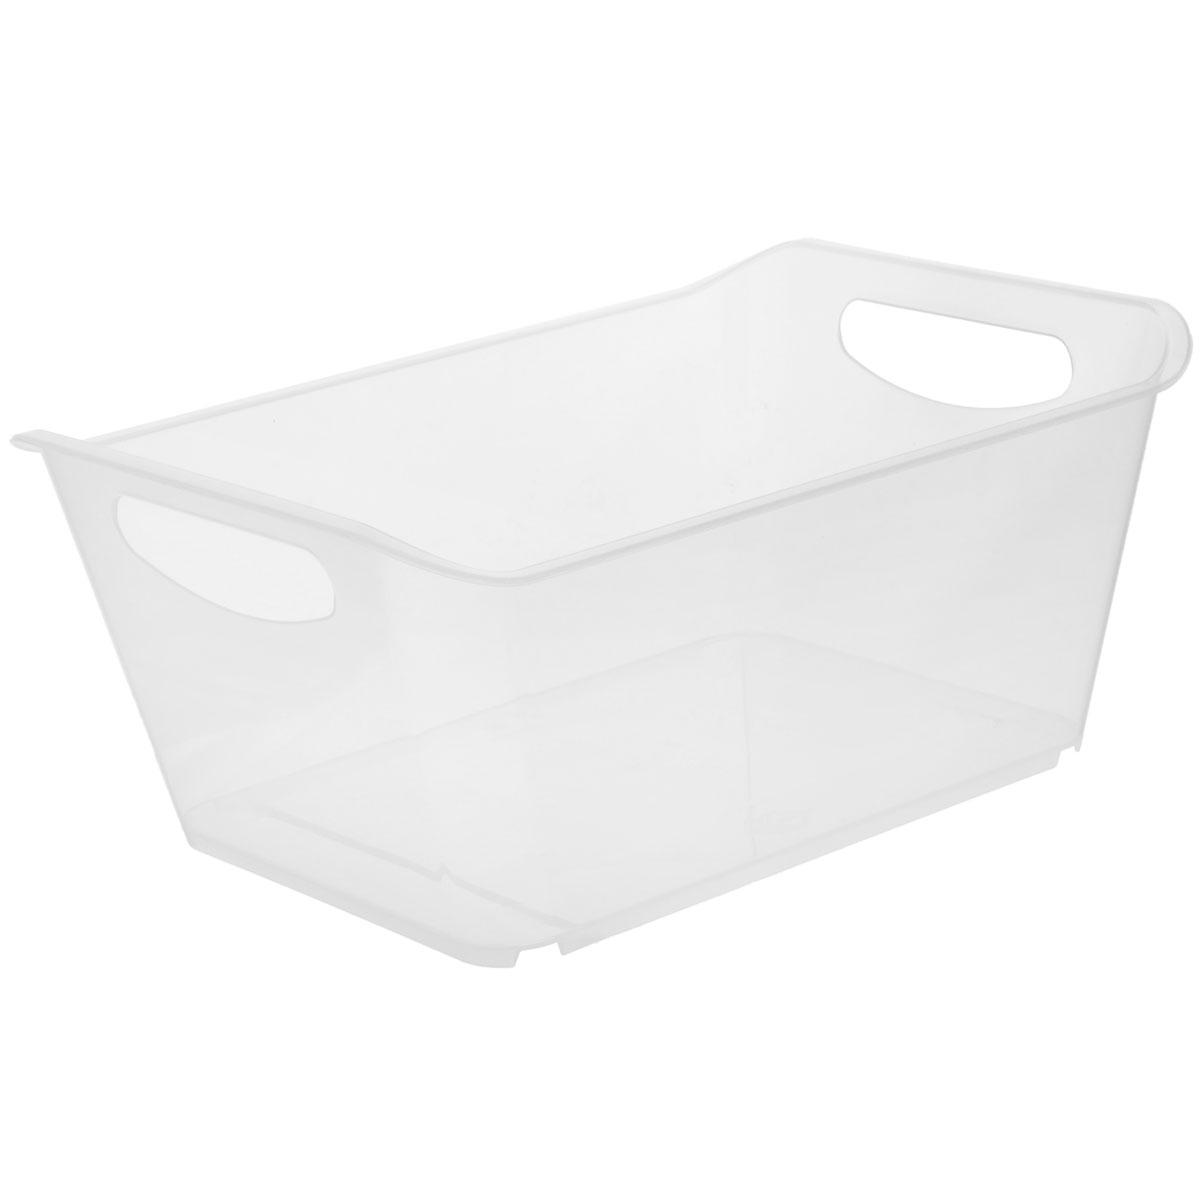 Контейнер Gensini, цвет: прозрачный, 10 л3332_прозрачныйКонтейнер Gensini выполнен из прочного пластика. Он предназначен для хранения различных мелких вещей в ванной, на кухне, даче или гараже, исключая возможность их потери. По бокам контейнера предусмотрены две удобные ручки для его переноски.Контейнер поможет хранить все в одном месте, а также защитить вещи от пыли, грязи и влаги. Объем: 10 л.